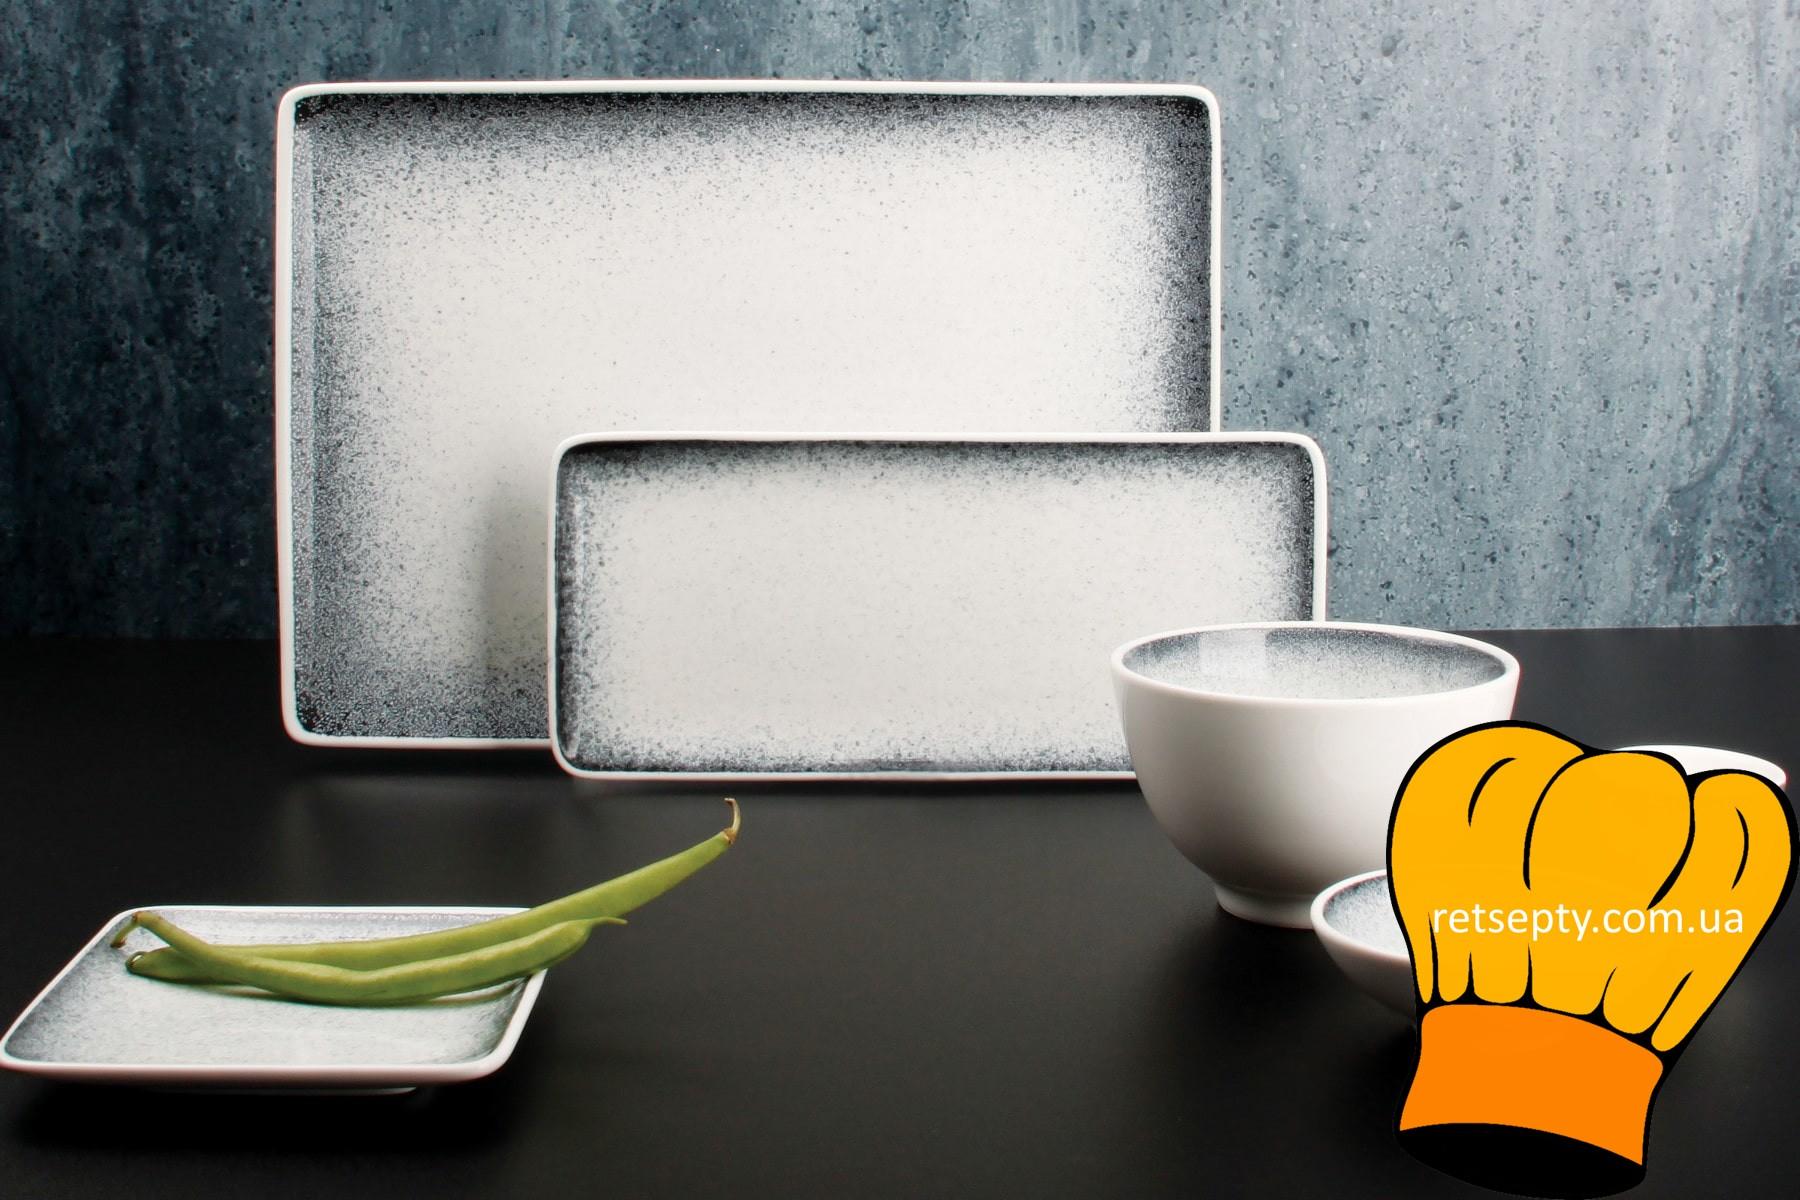 Який посуд безпечний для приготування страв?